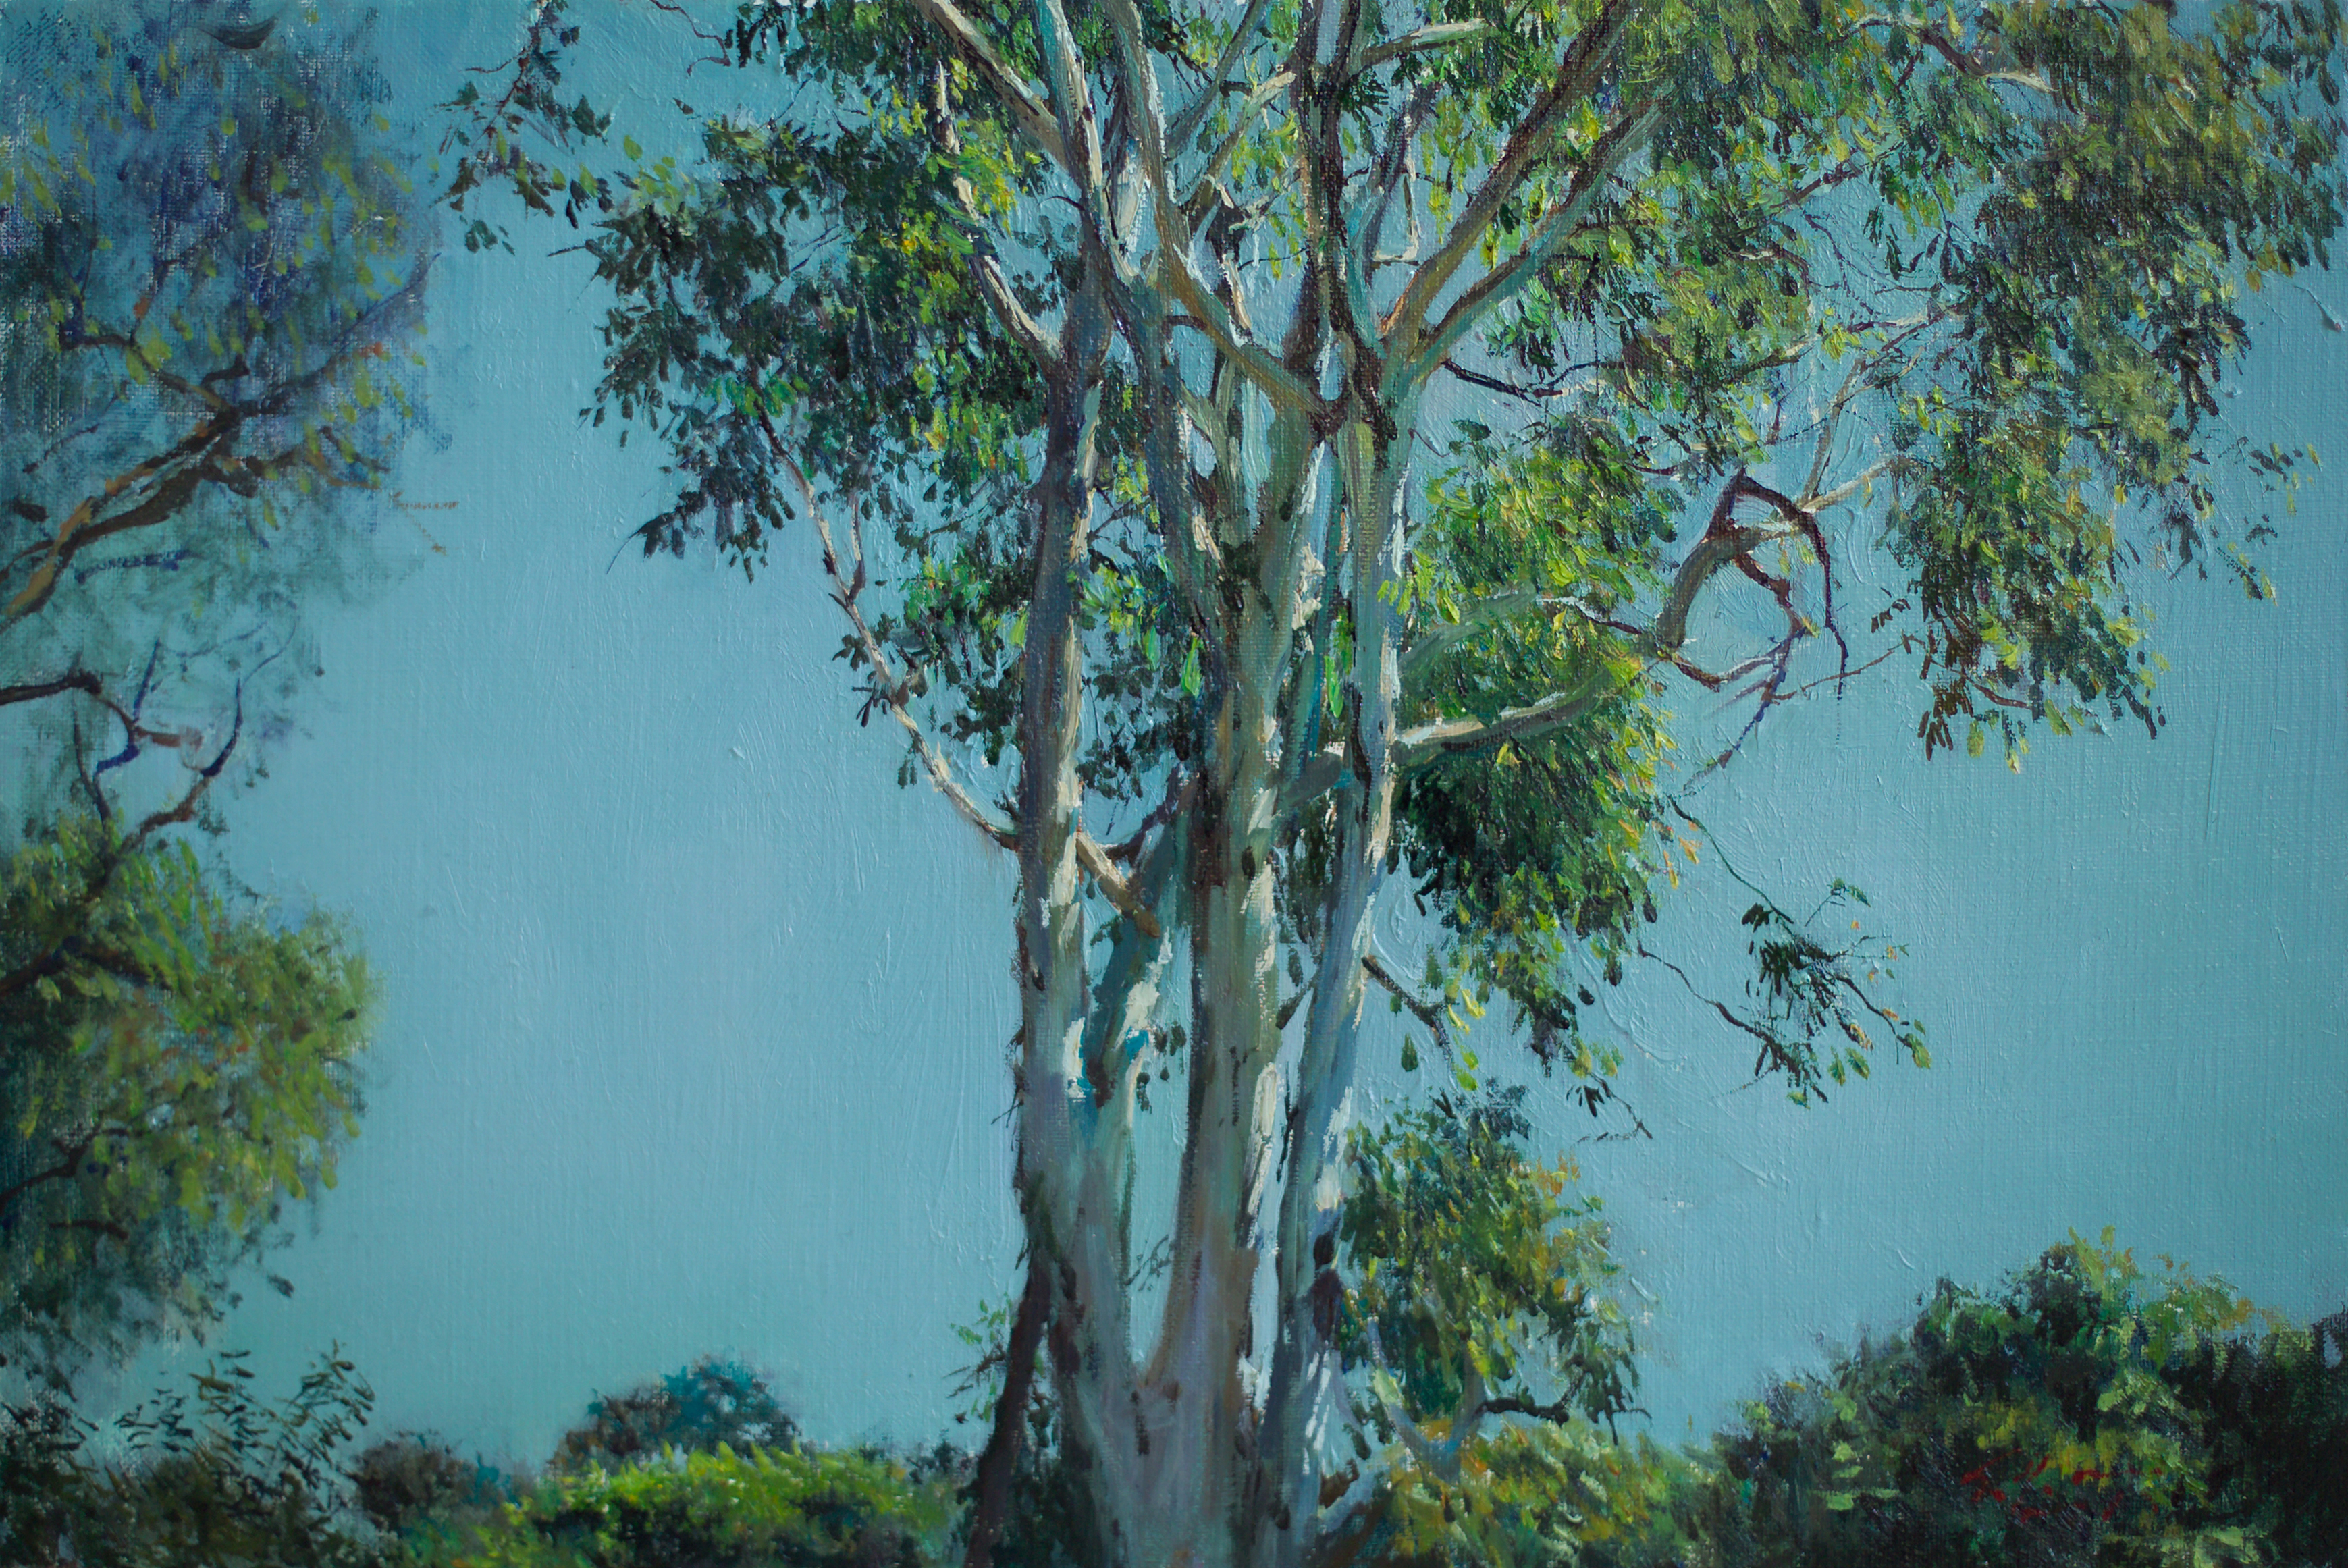 화창한 오후 53x35.5 Oil on canvas 2012